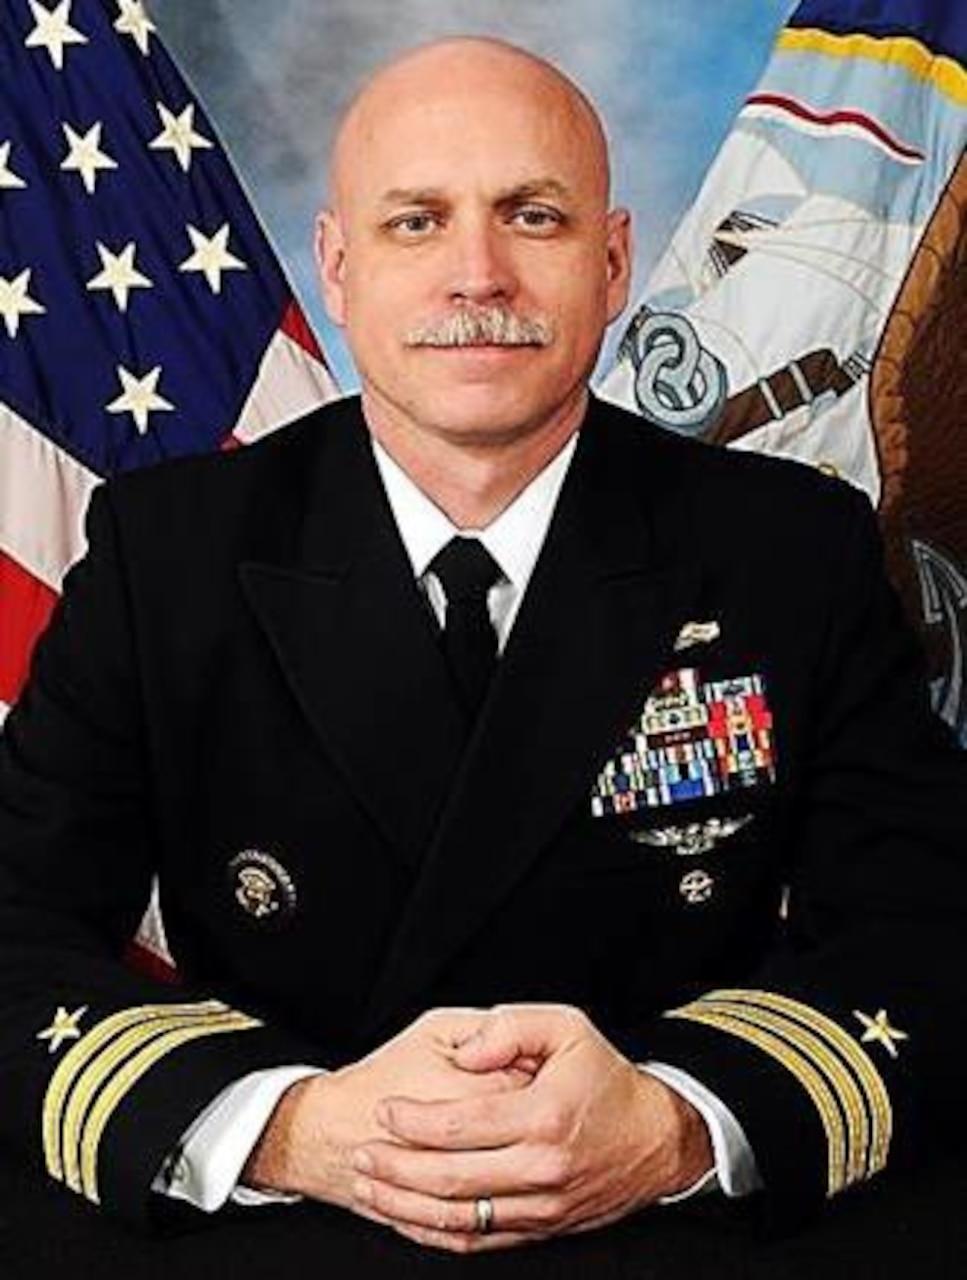 Commander Erik S. Roberts